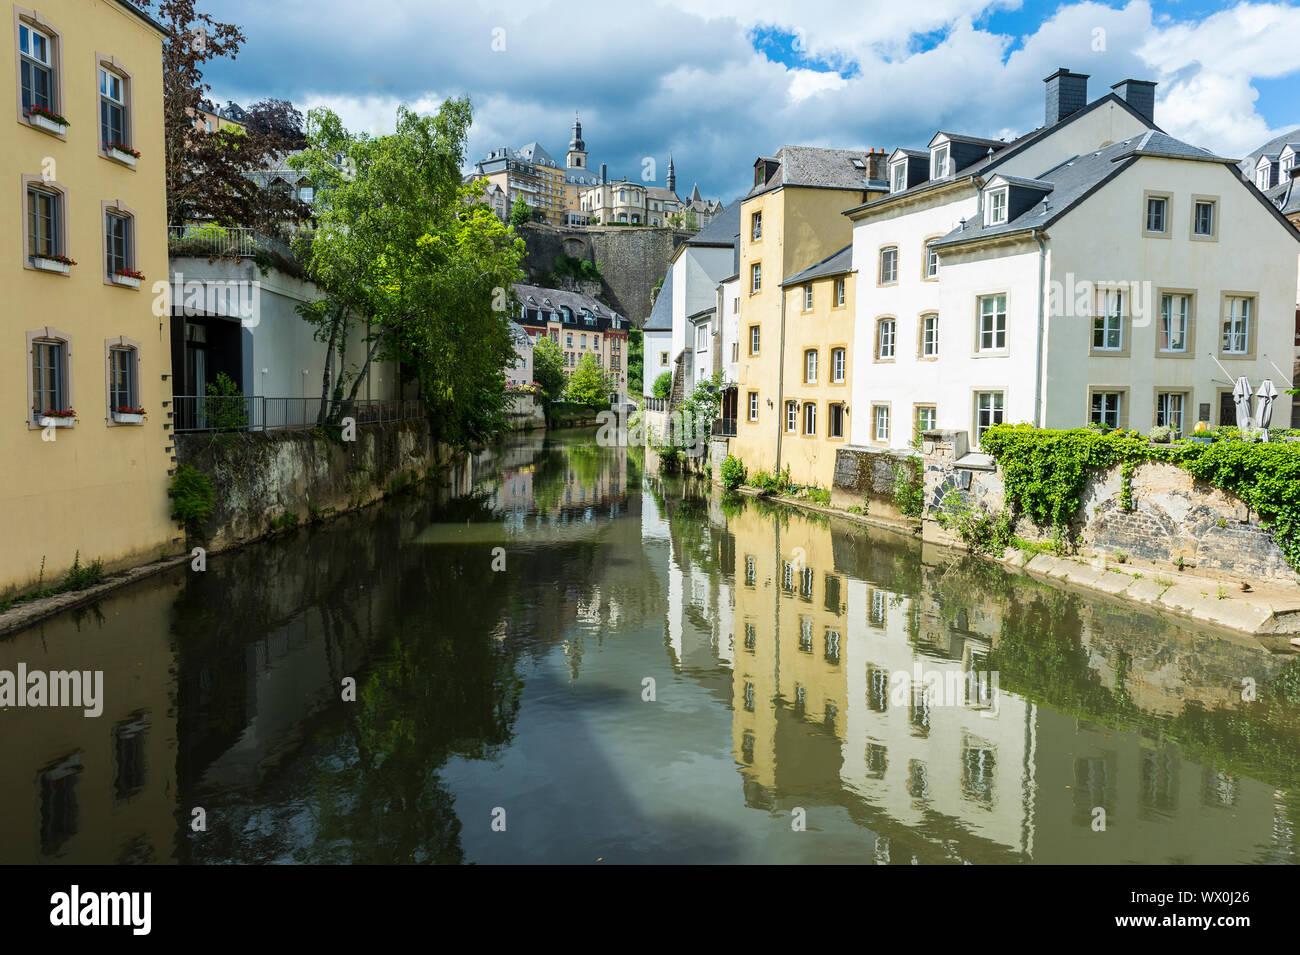 El casco antiguo de Luxemburgo, declarado Patrimonio de la Humanidad por la UNESCO, Luxemburgo, Europa Foto de stock